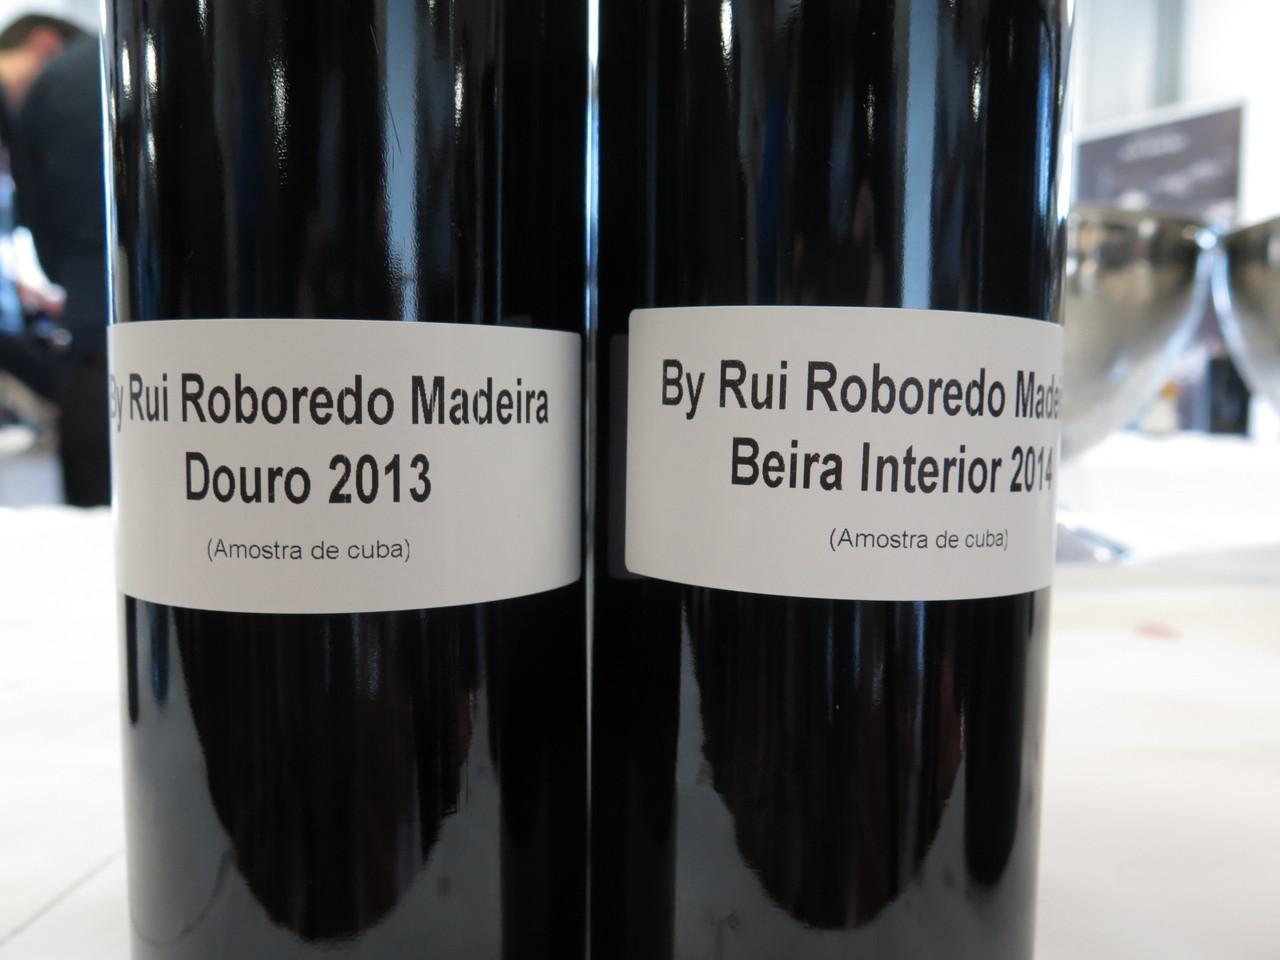 By Rui Roboredo Madeira Douro tinto 2013 (amostra de cuba) / By Rui Roboredo Madeira Beira Interior tinto 2014 (amostra de cuba)